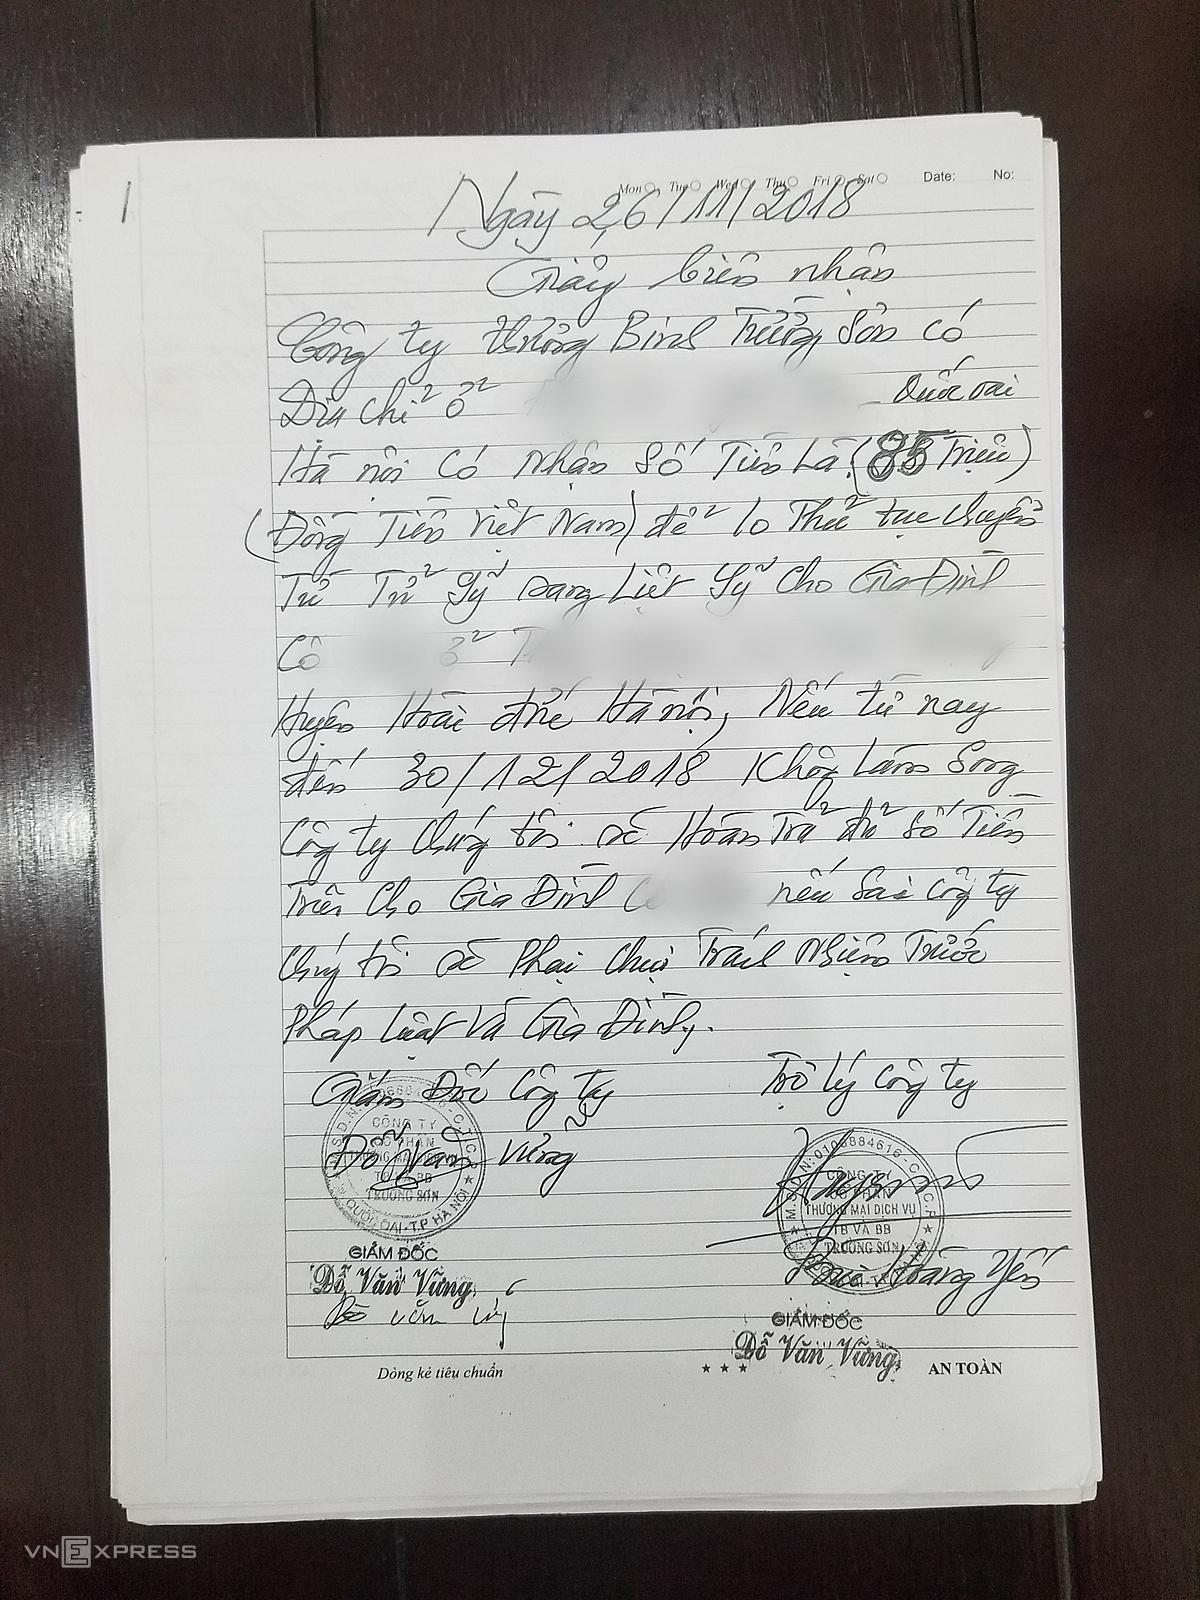 bản sao giấy biên nhận tiền Nguyễn Thị yến